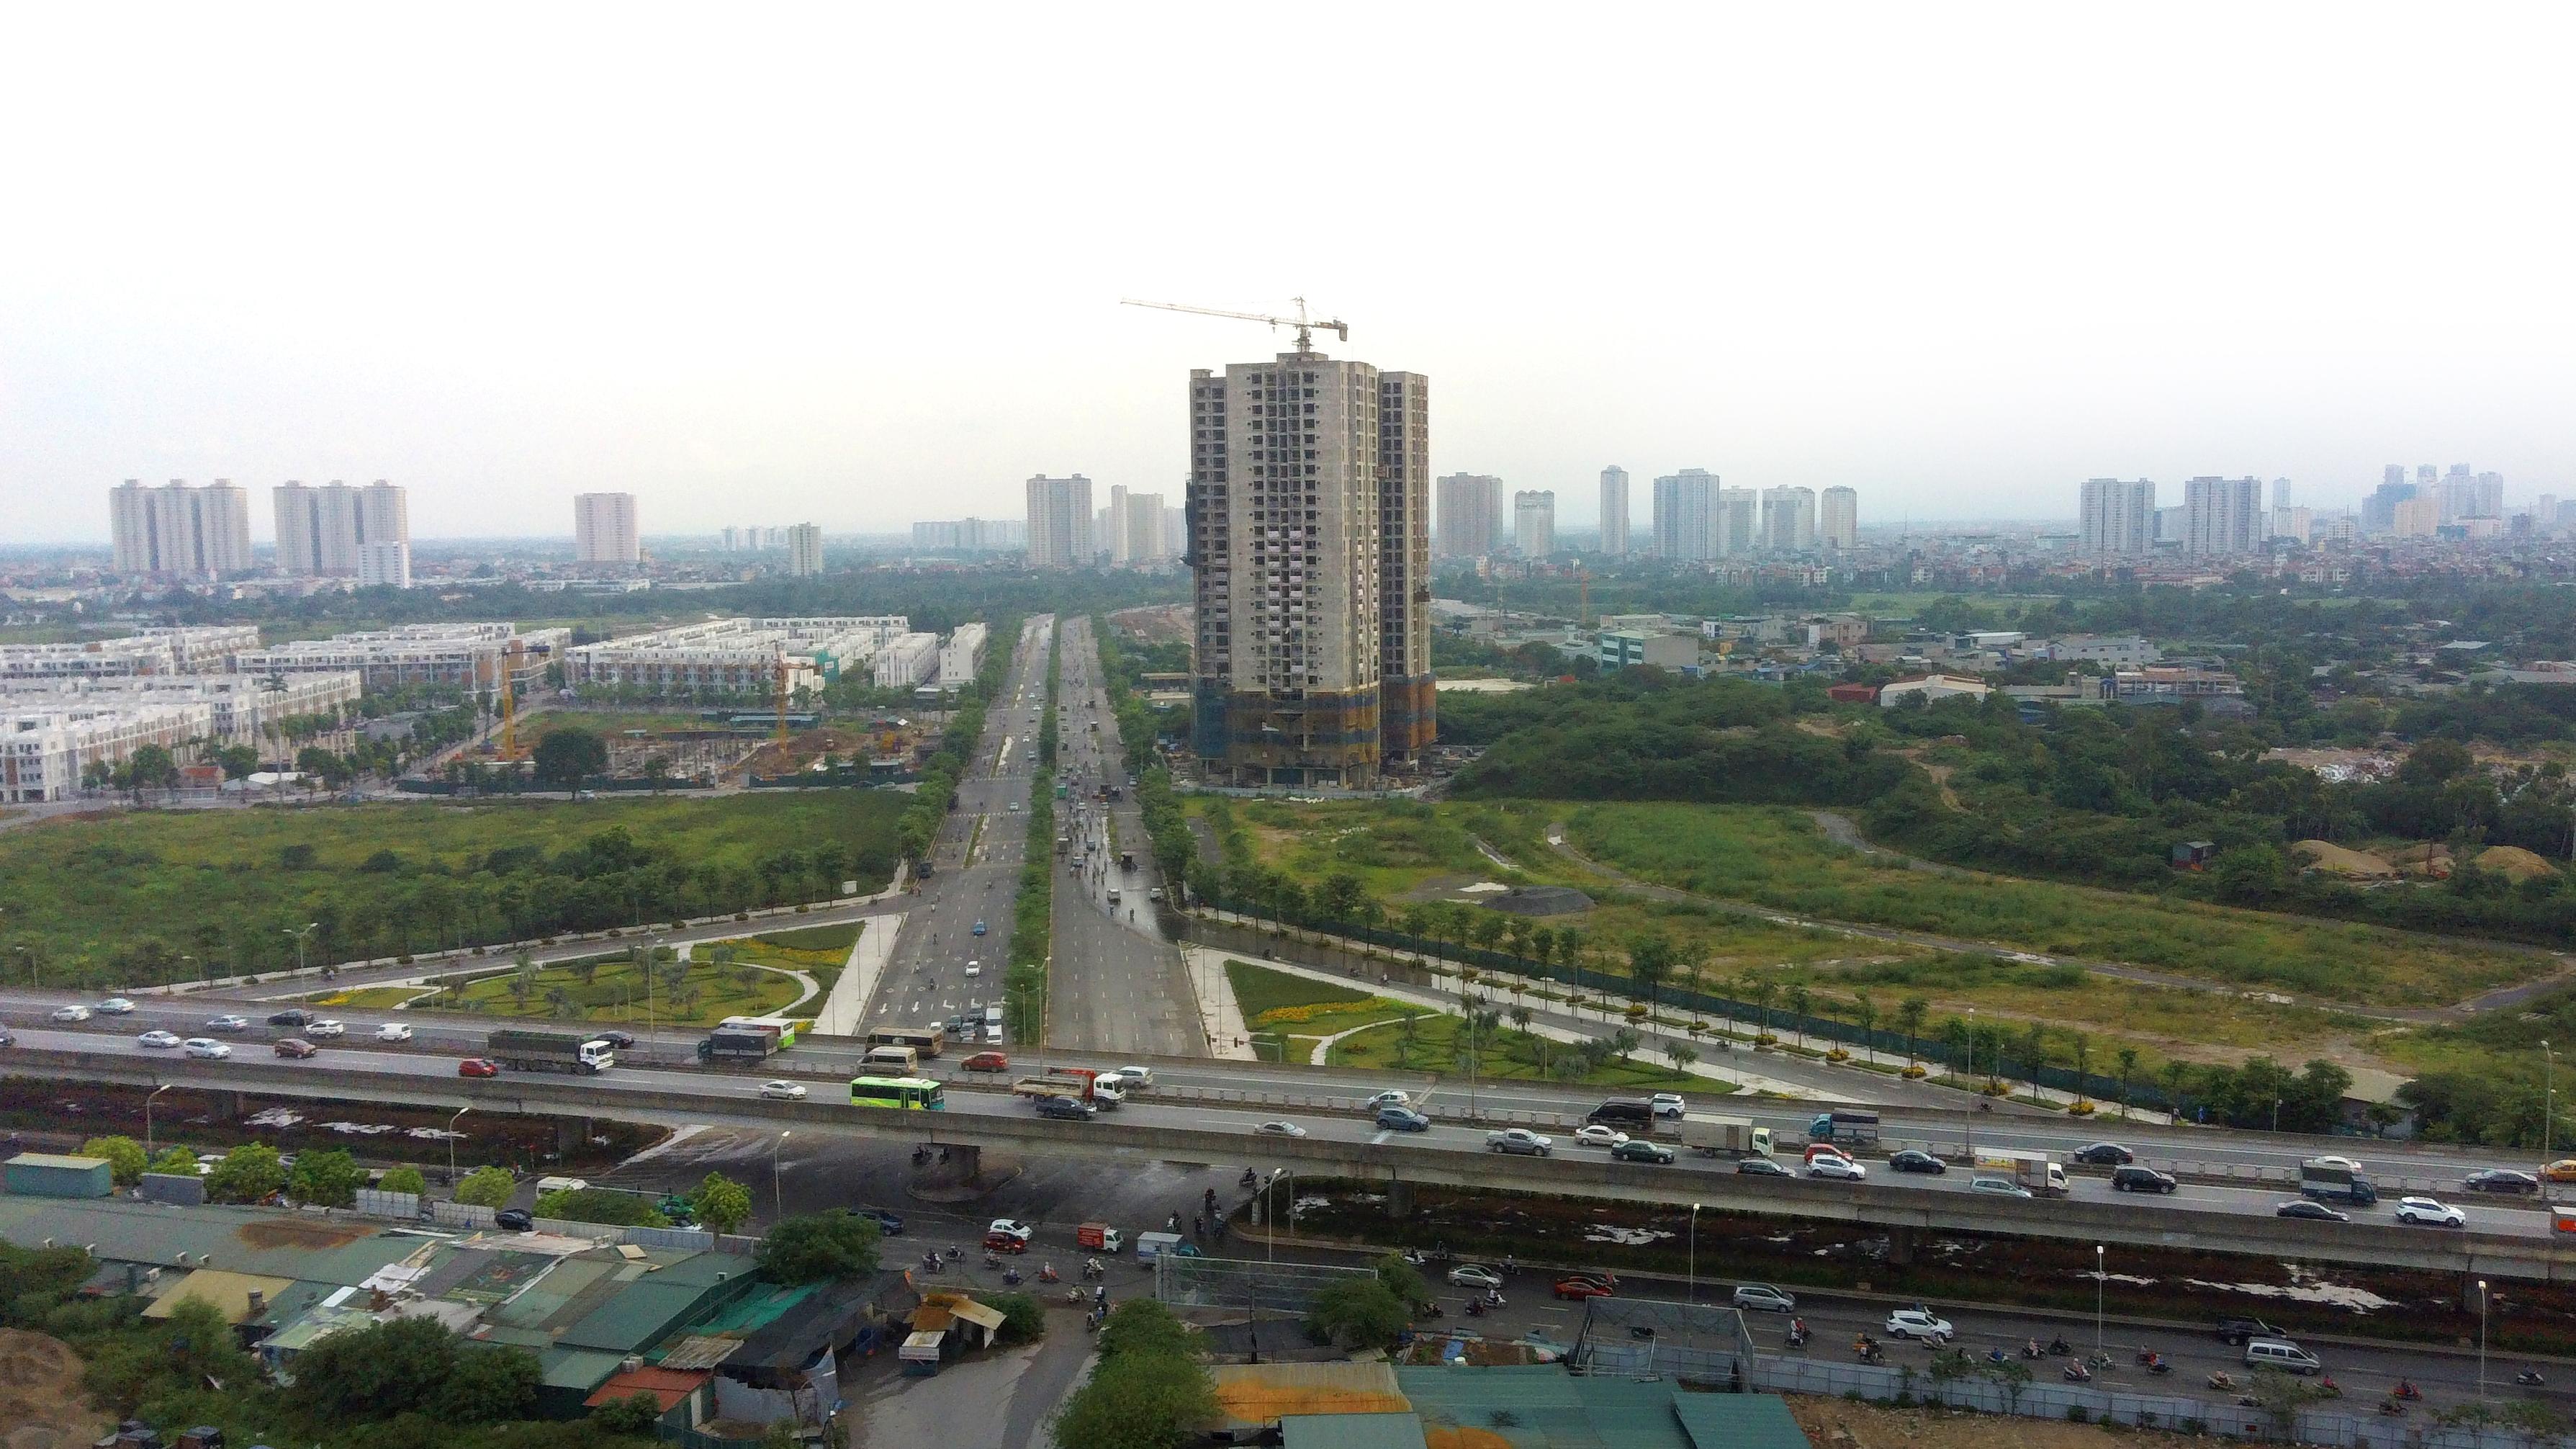 Dự án đang mở bán ở Hà Nội: Bea Sky đầu Đại lộ Chu Văn An, gần đường Vành đai 3 - Ảnh 4.